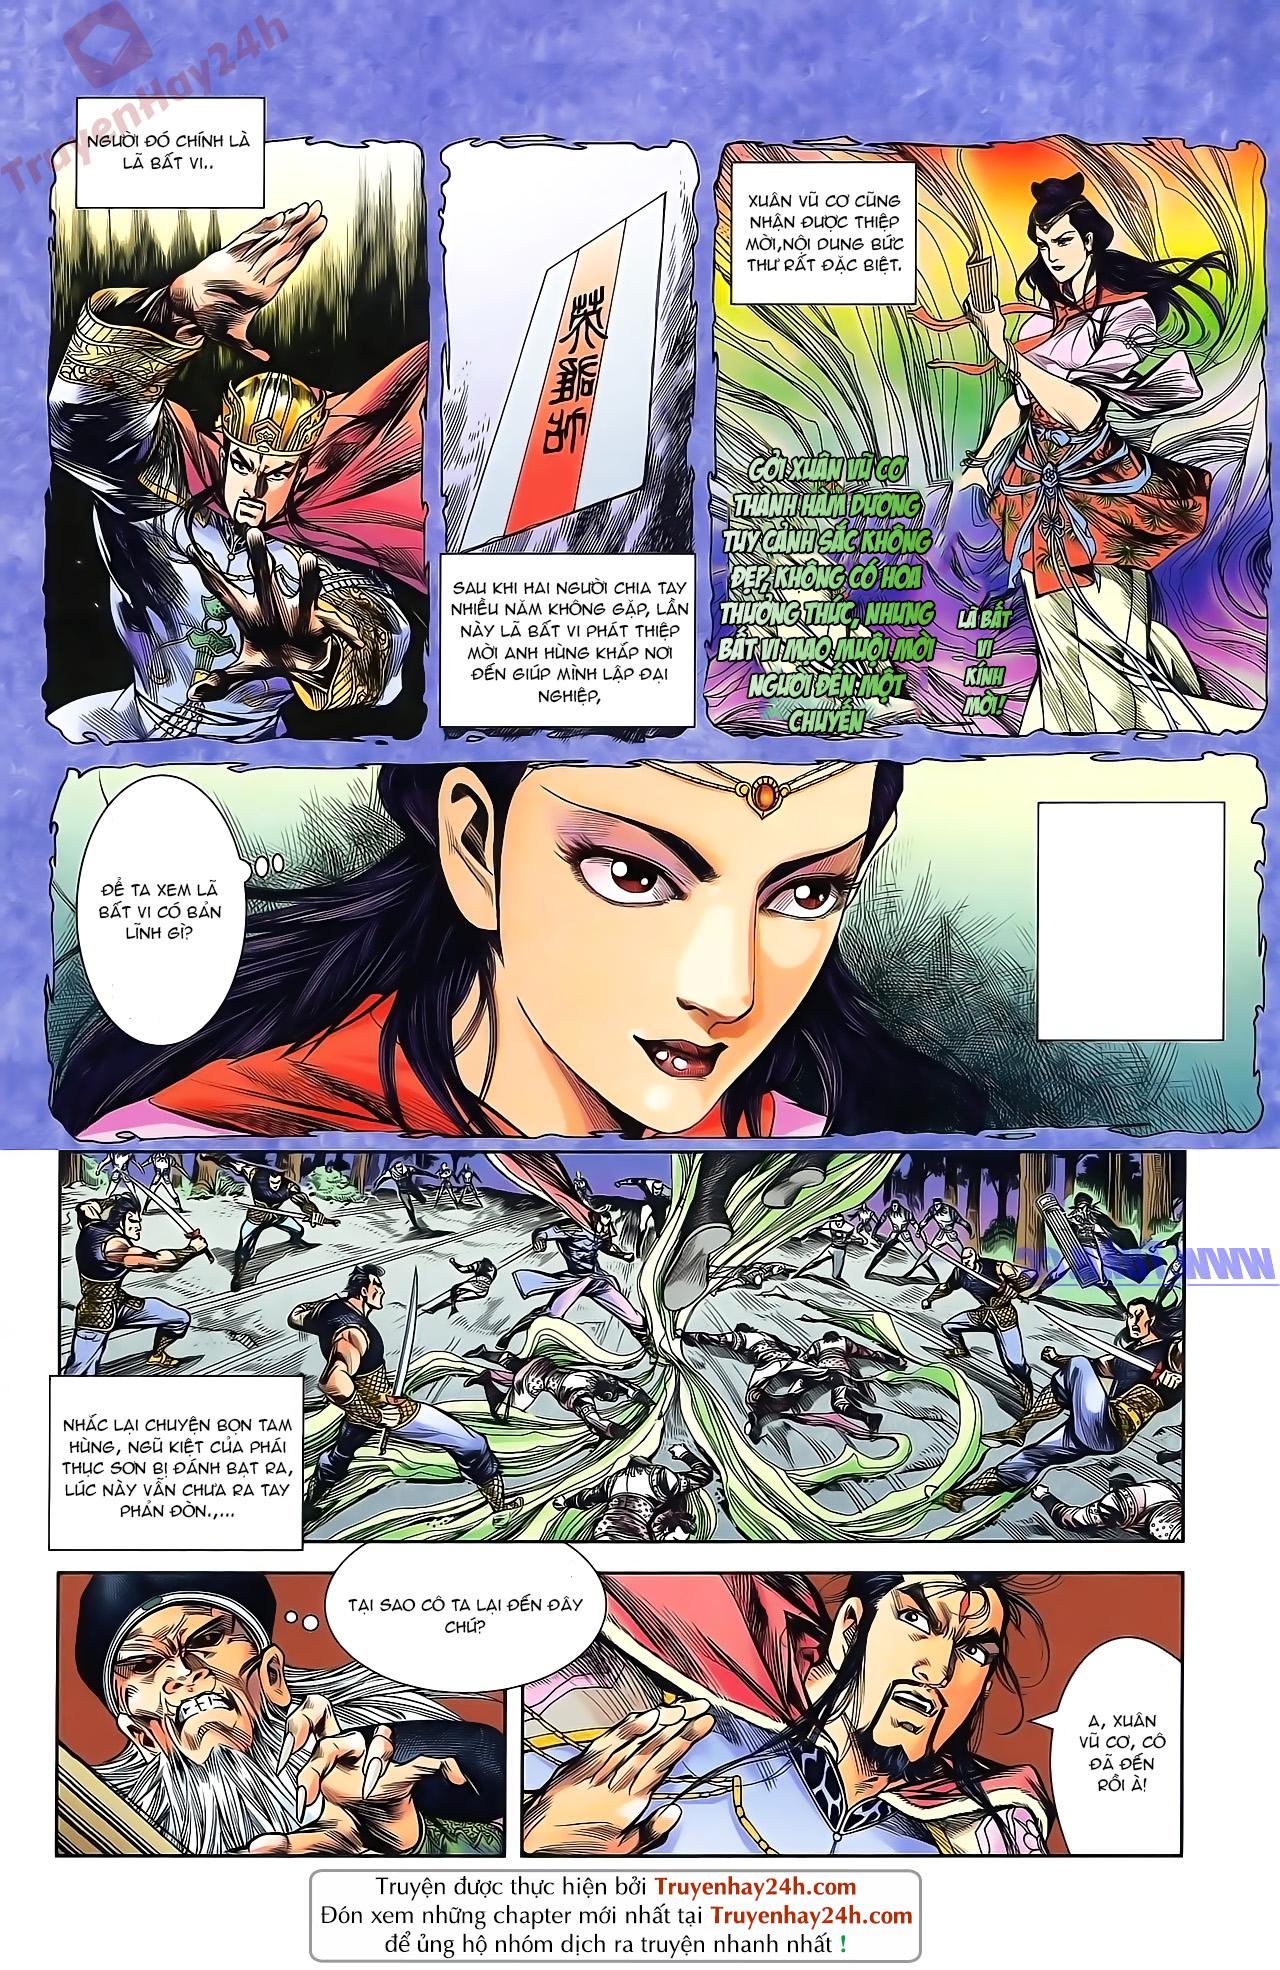 Tần Vương Doanh Chính chapter 46 trang 4